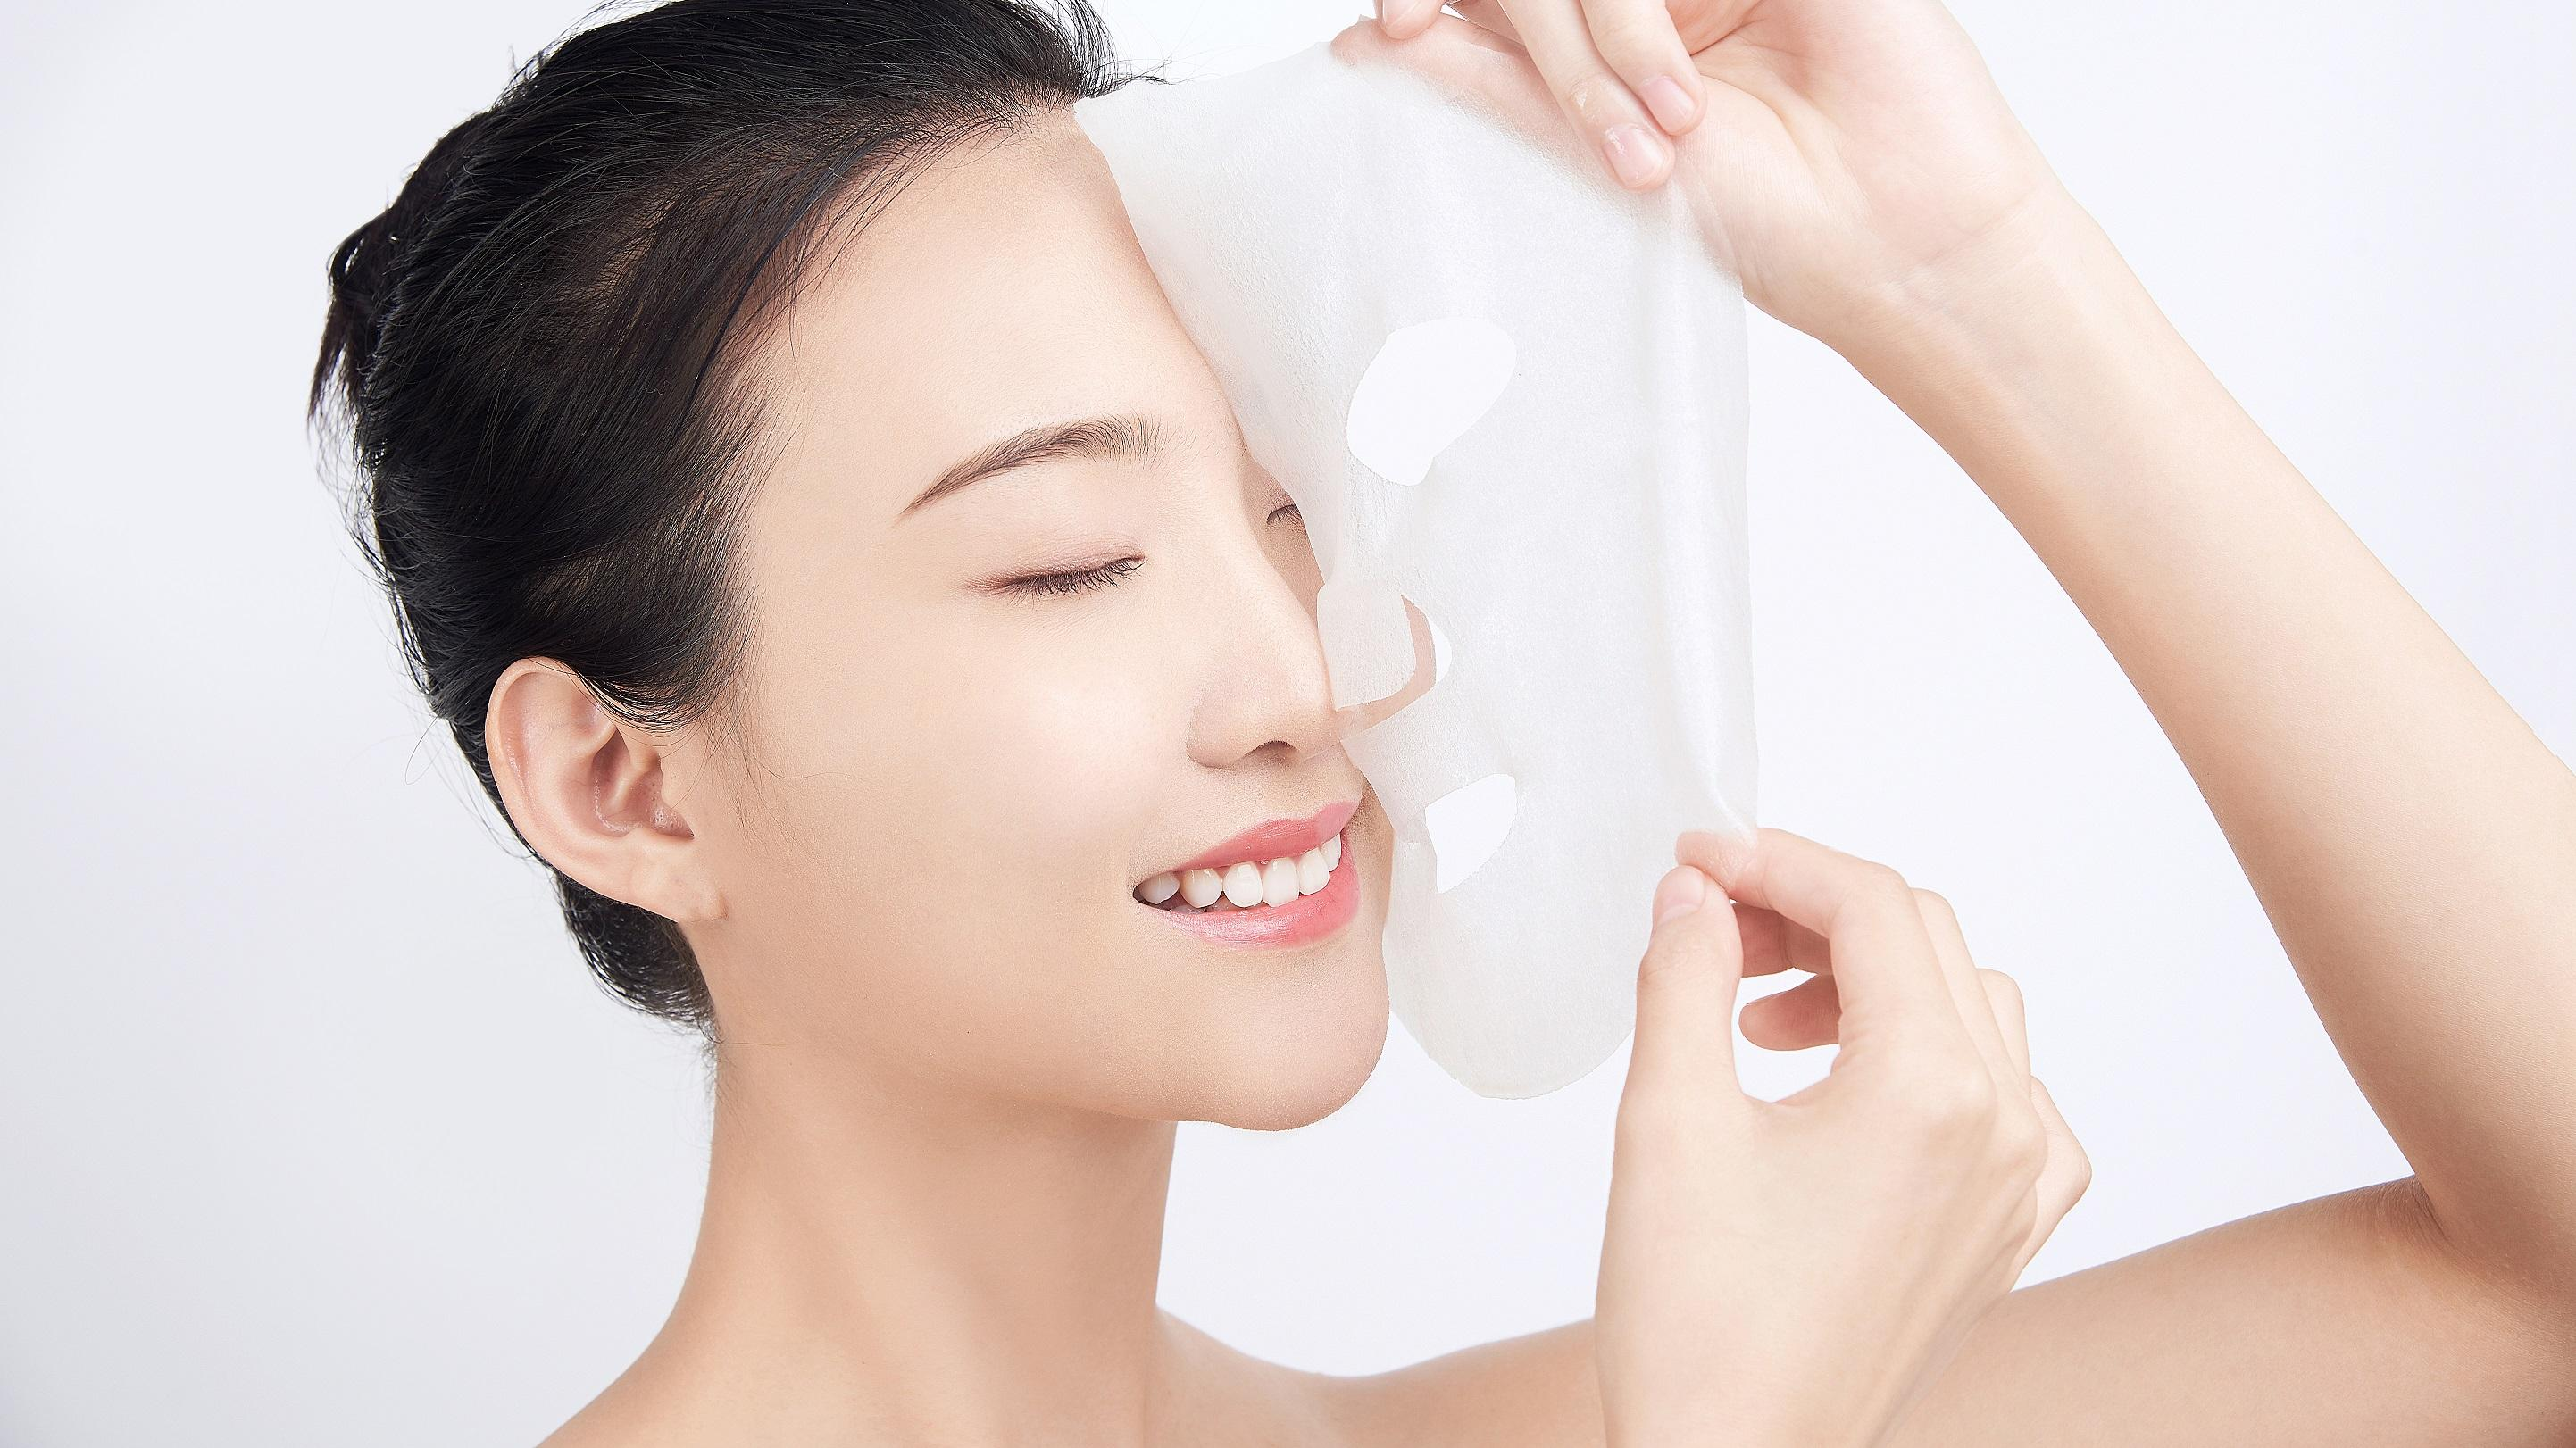 皮肤干燥用面膜敷有没有用,天天敷效果是不是更好呢?